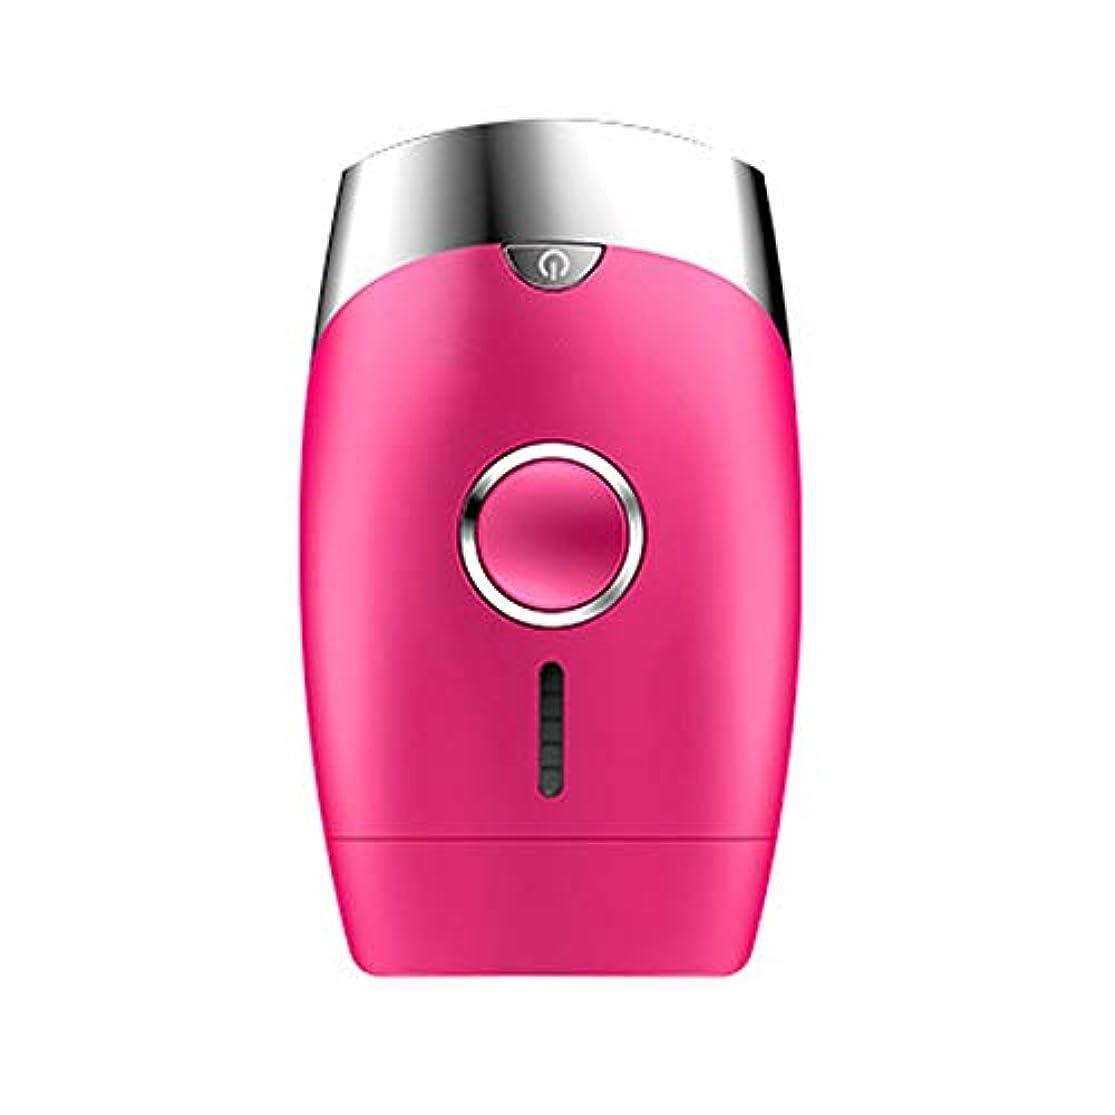 プラグ有効な肘ピンク、5スピード調整、インテリジェント家庭用痛みのない凝固点ヘアリムーバー、シングルフラッシュ/連続フラッシュ、サイズ13.9 X 8.3 X 4.8 Cm 髪以外はきれい (Color : Pink)